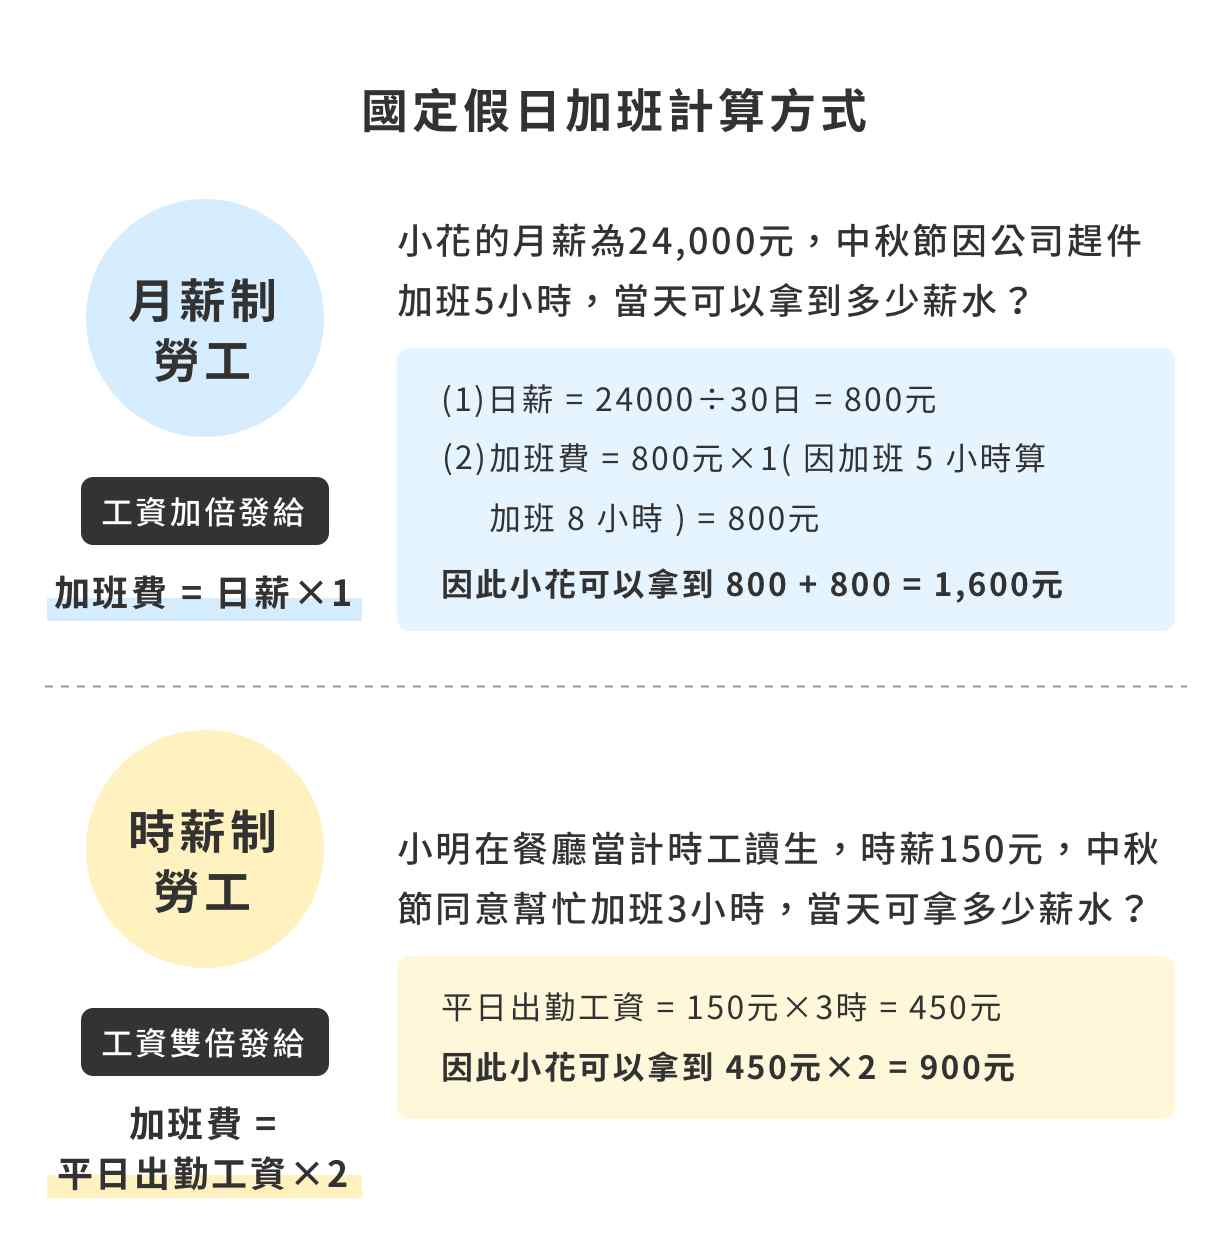 (2019年更新)中秋節上班未給加班費,最高可罰?萬